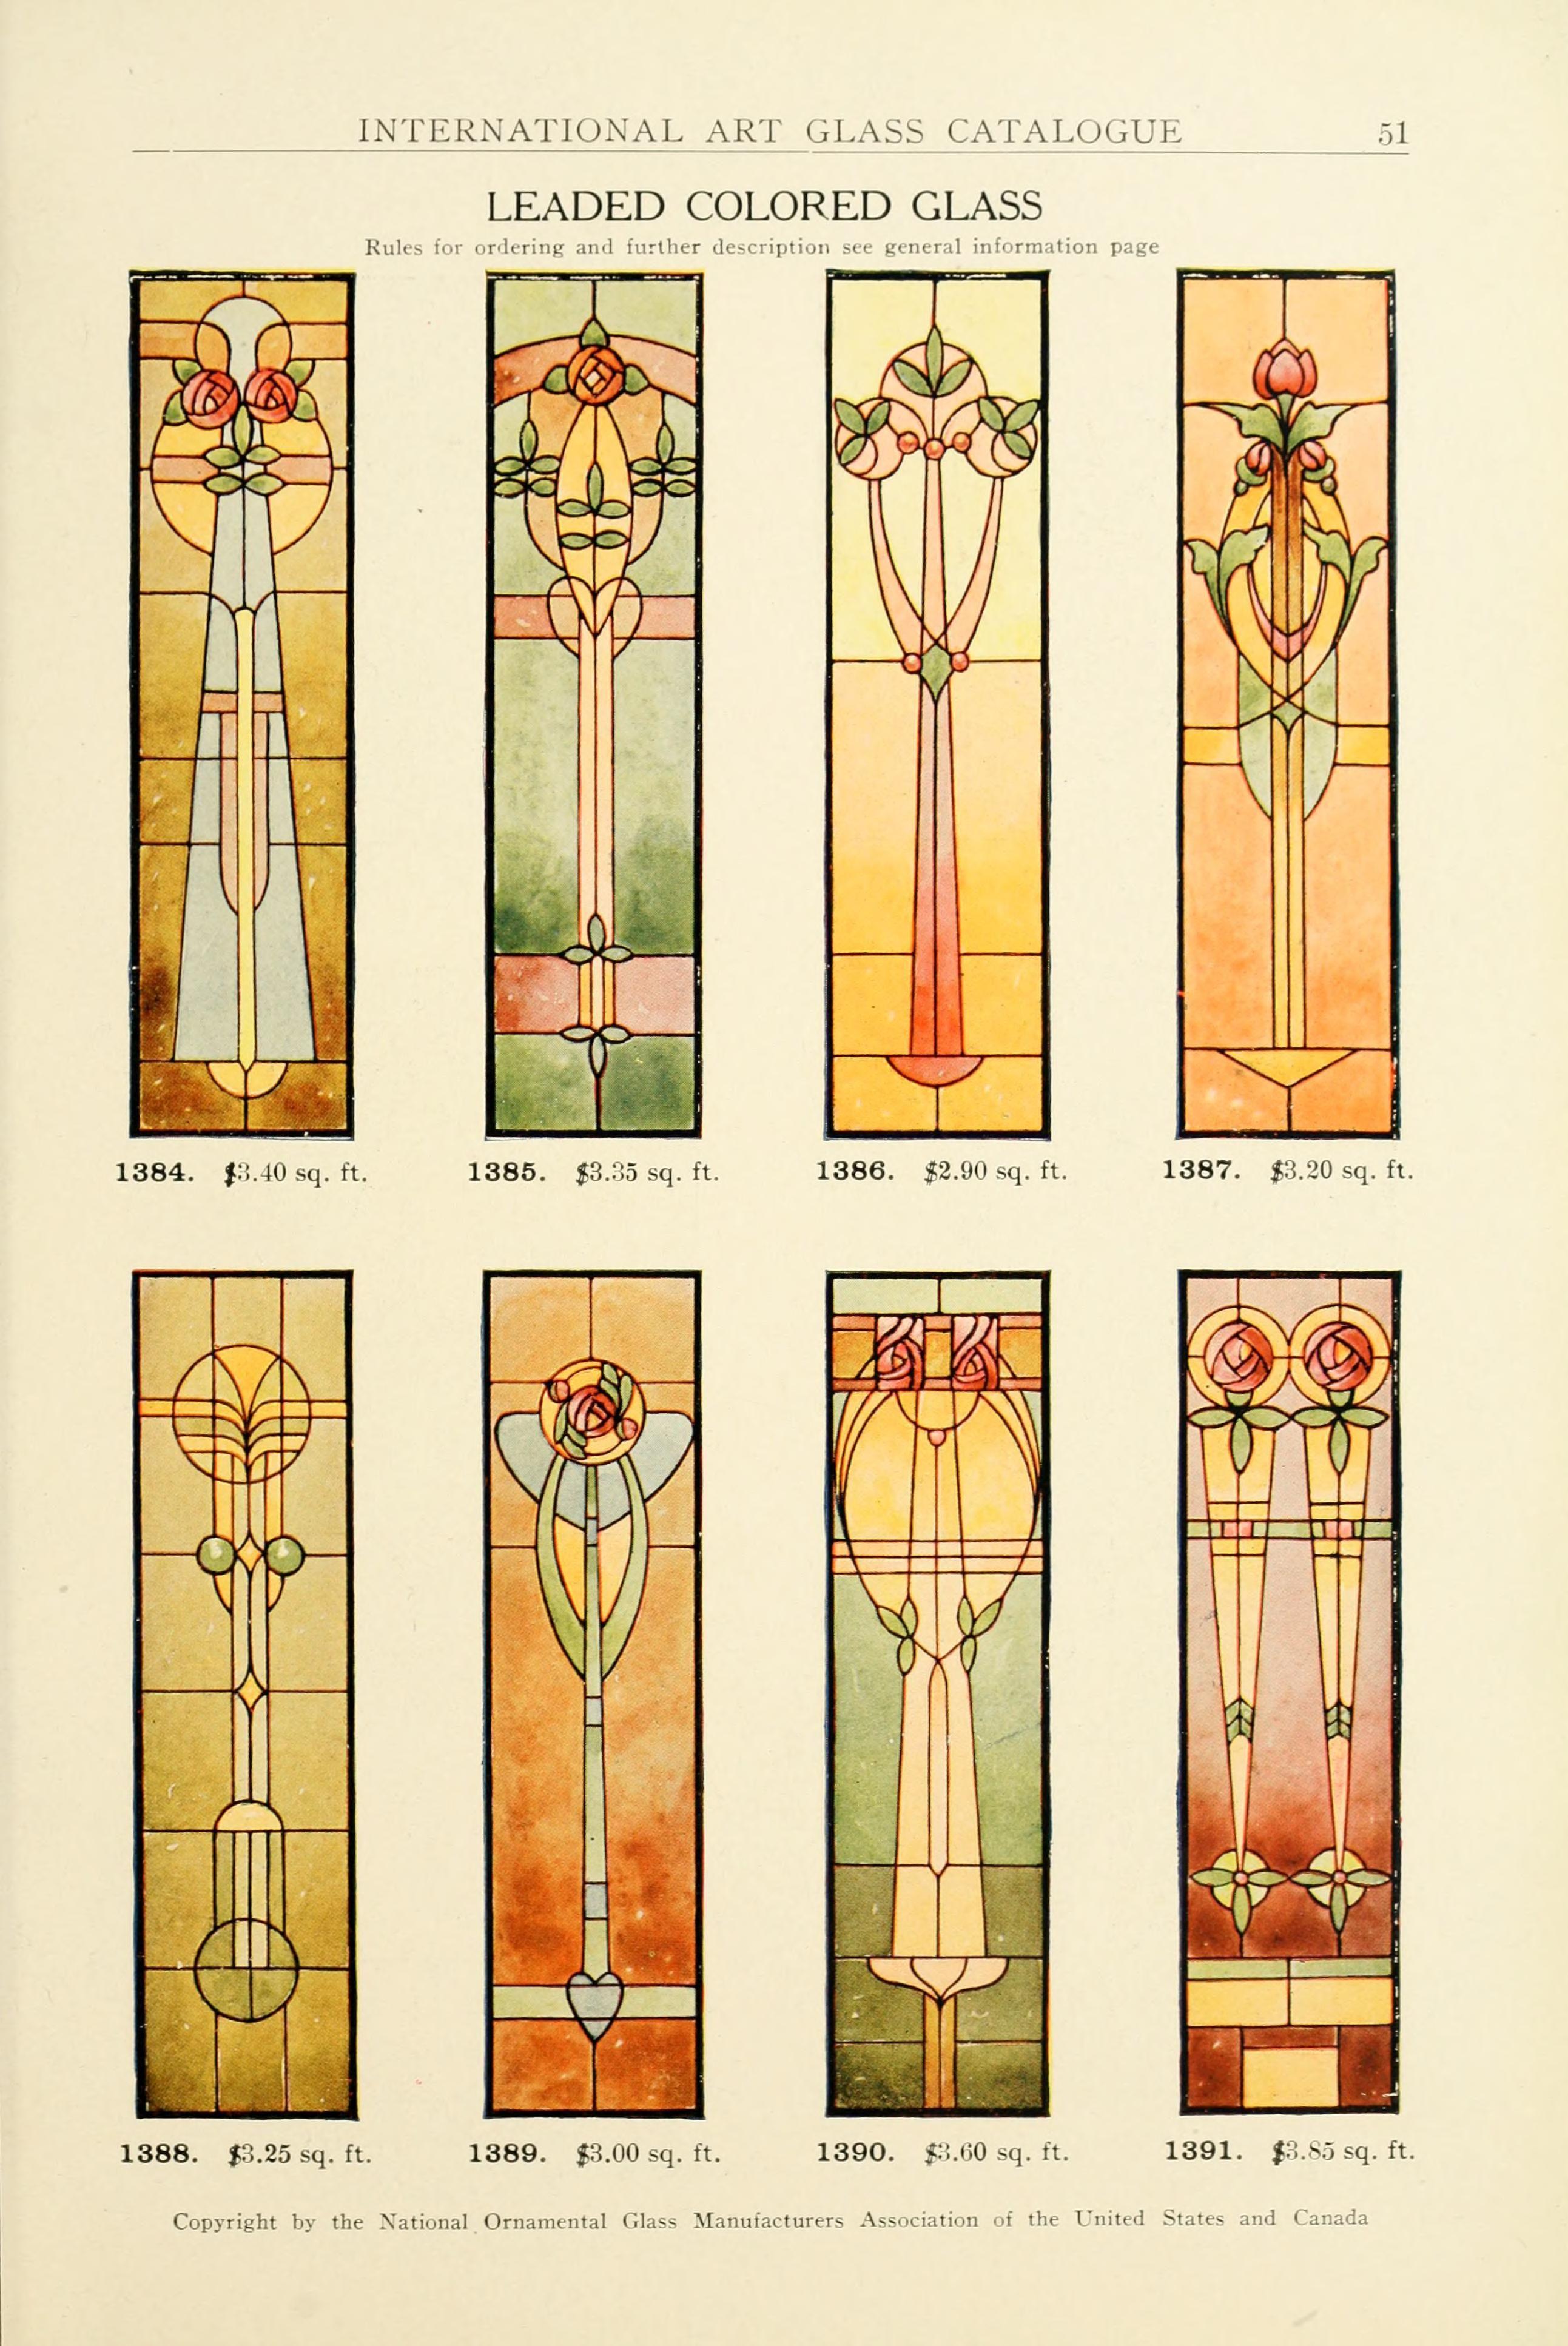 Catálogo internacional de arte en vidrio: arte y bev ... | VITRALES ...